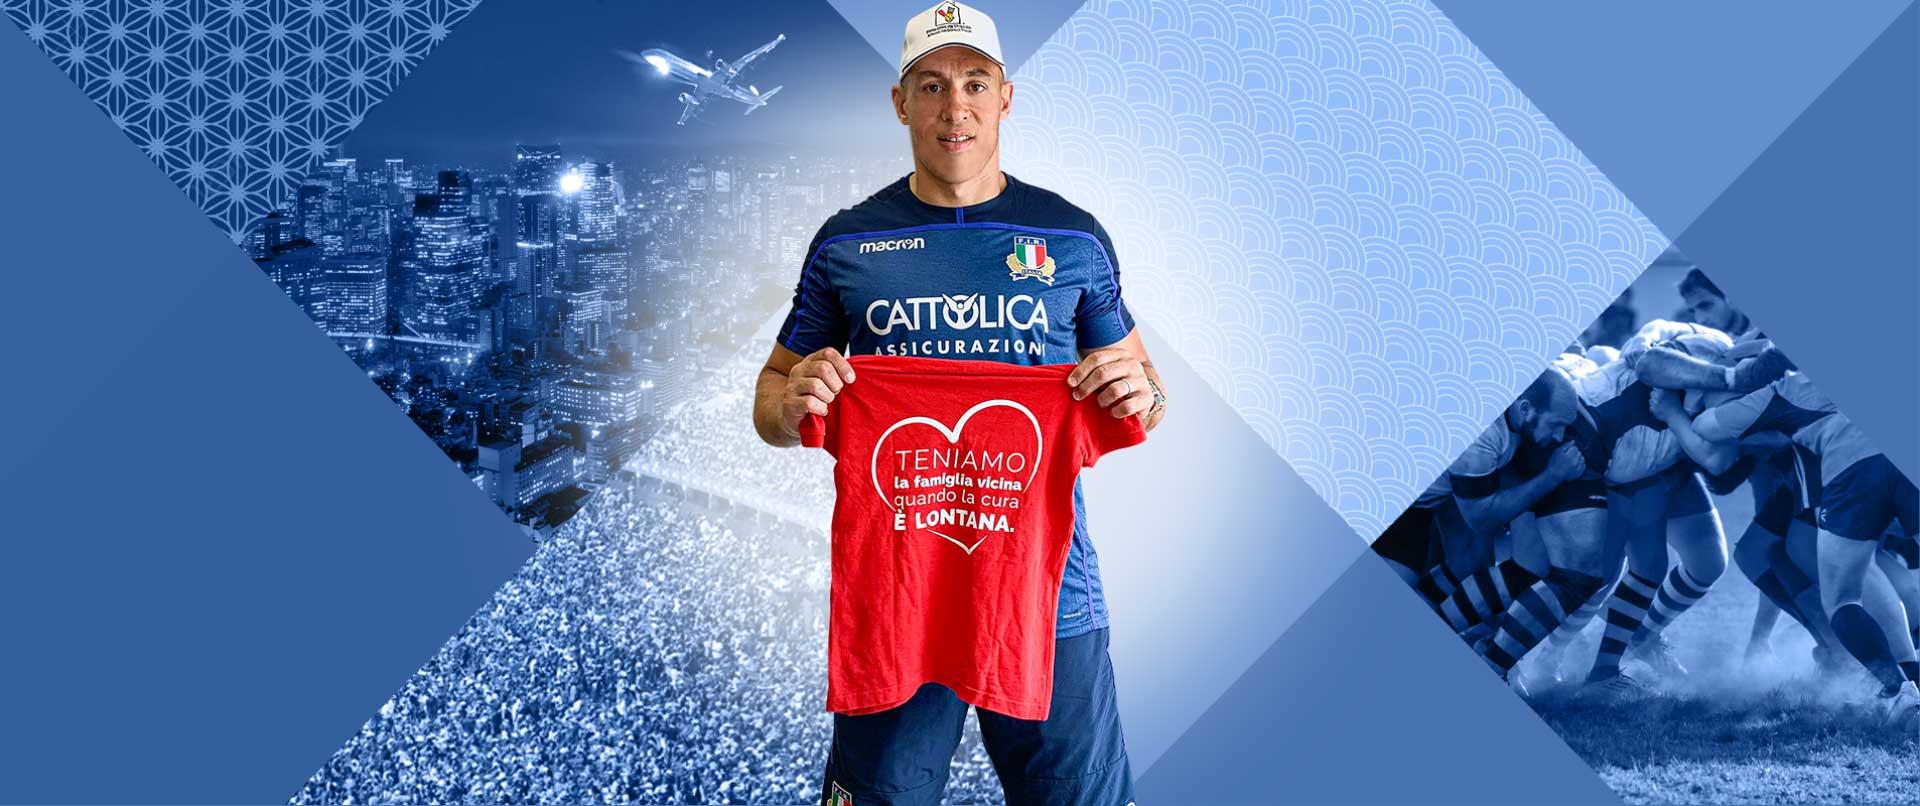 Sostenendo Fondazione Ronald puoi vincere un viaggio ai Mondiali di Rugby insieme al capitano Sergio Parisse e agli Azzurri.